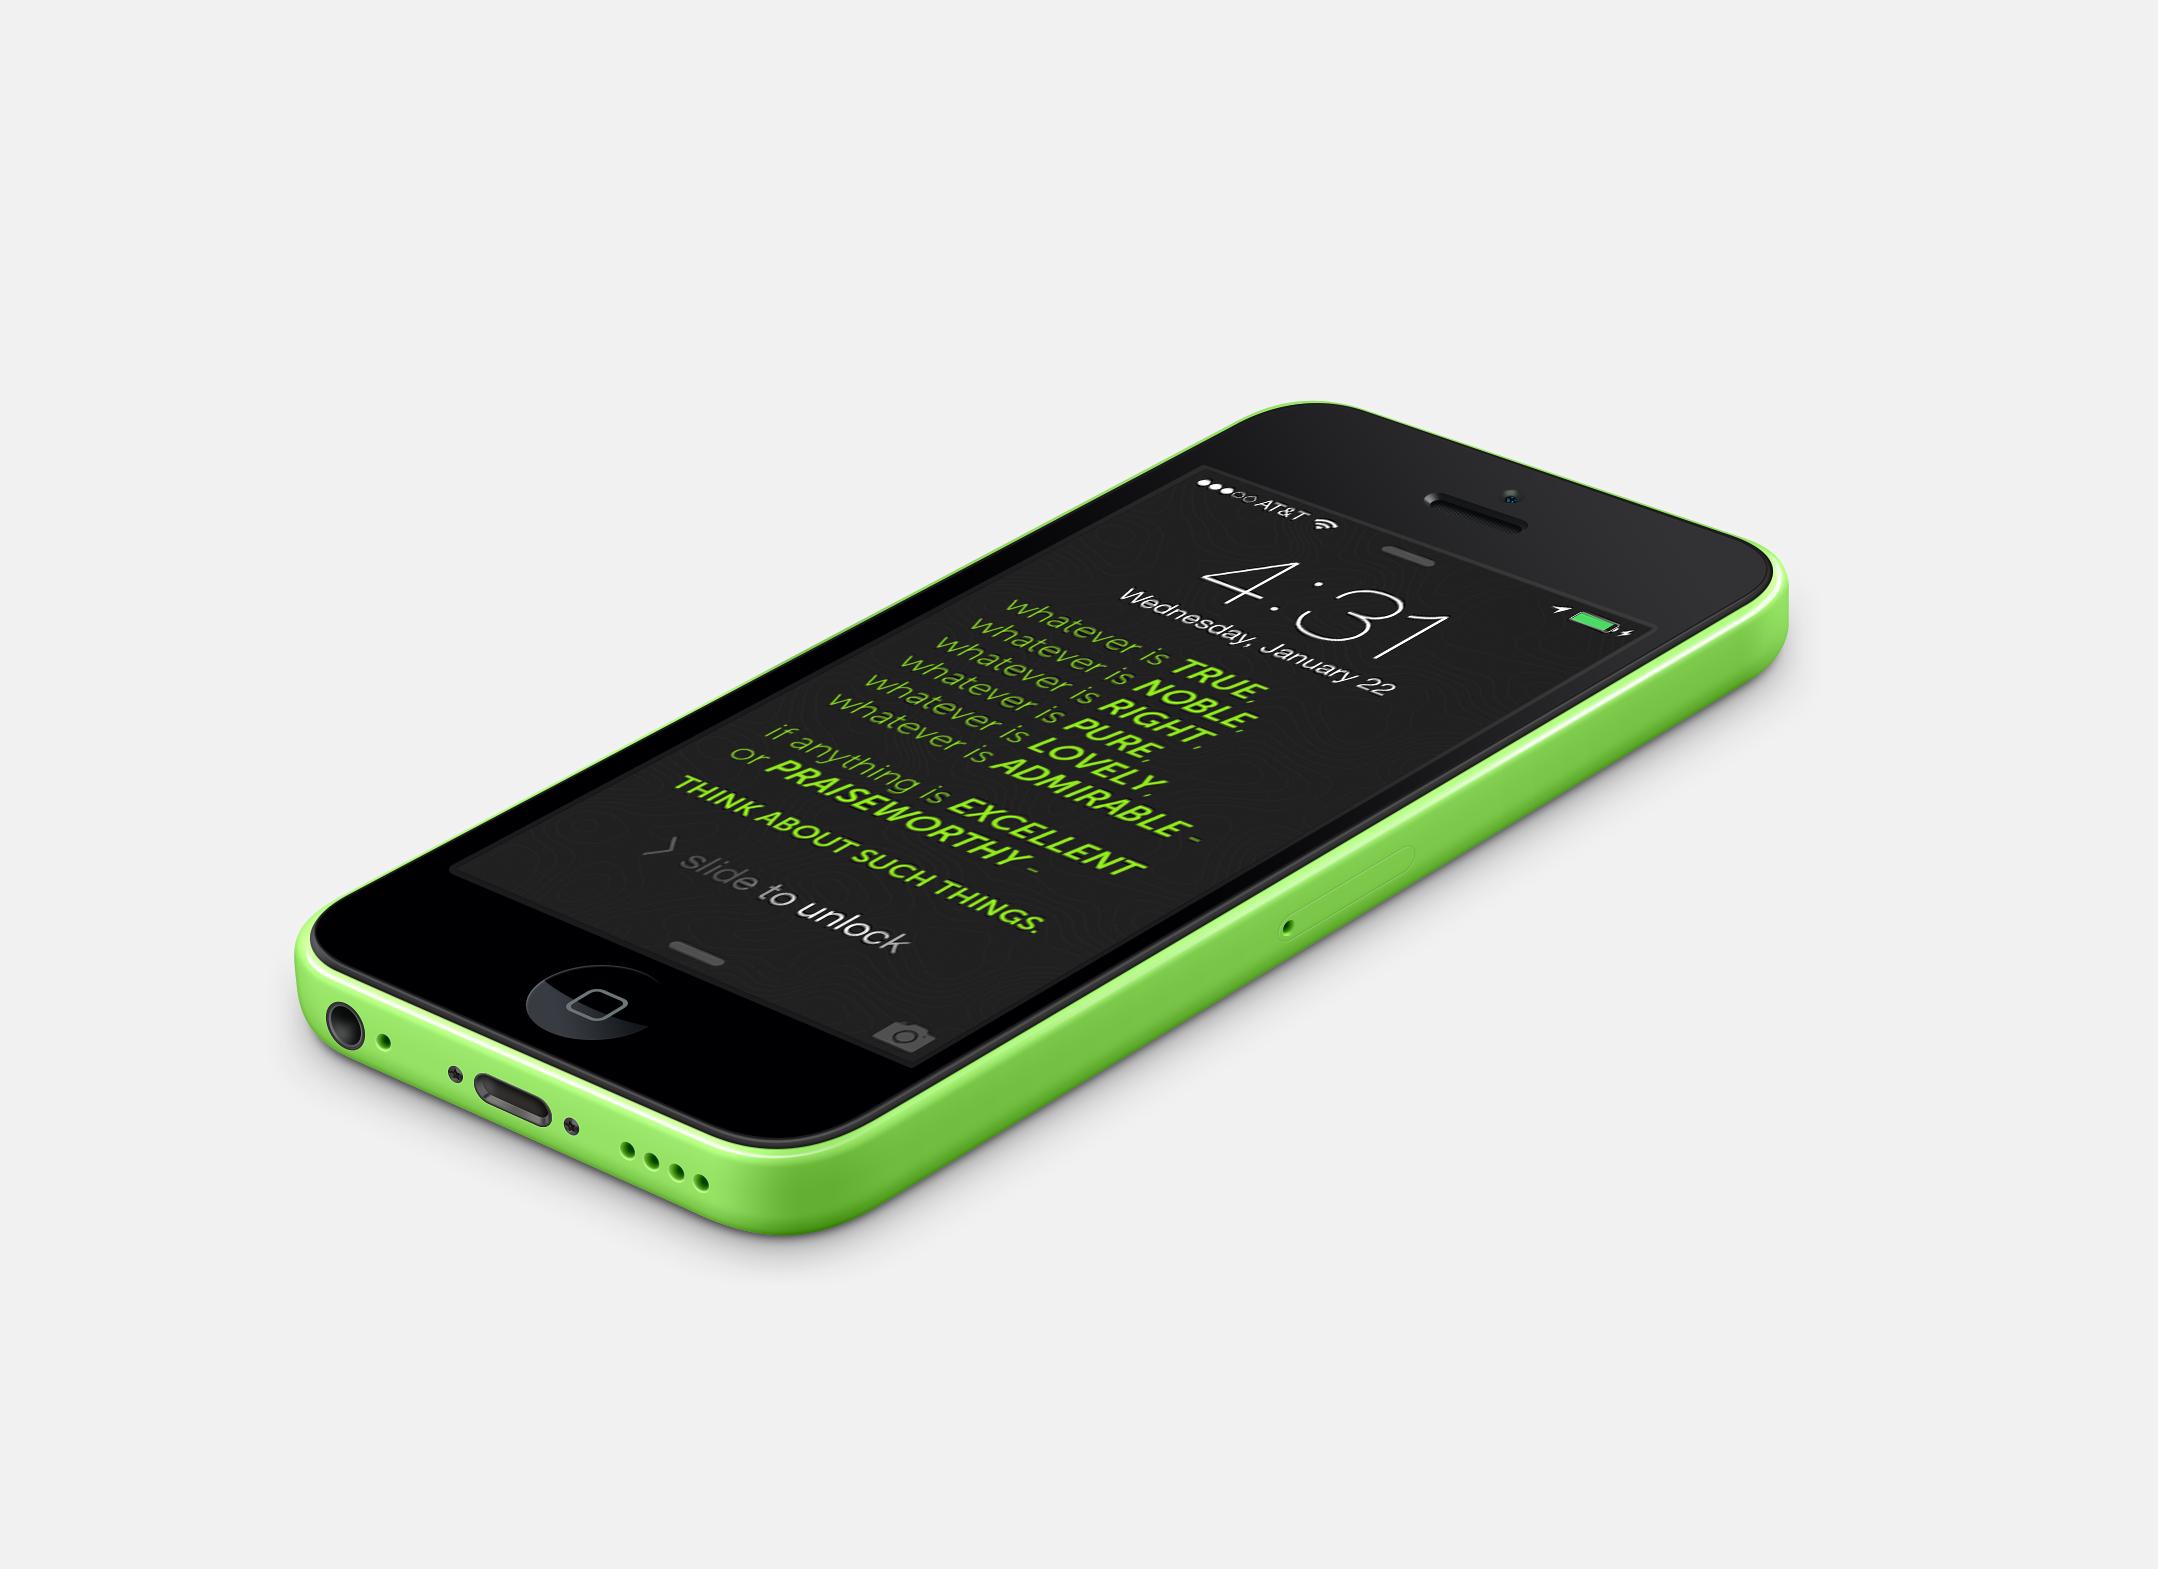 Scriptures 1 green phone